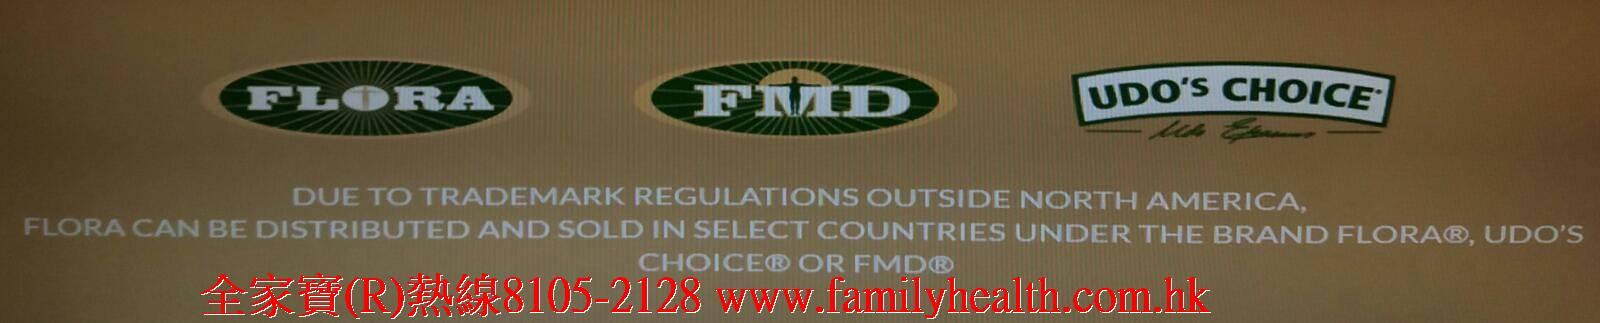 http://www.familyhealth.com.hk/files/full/1103_4.jpg